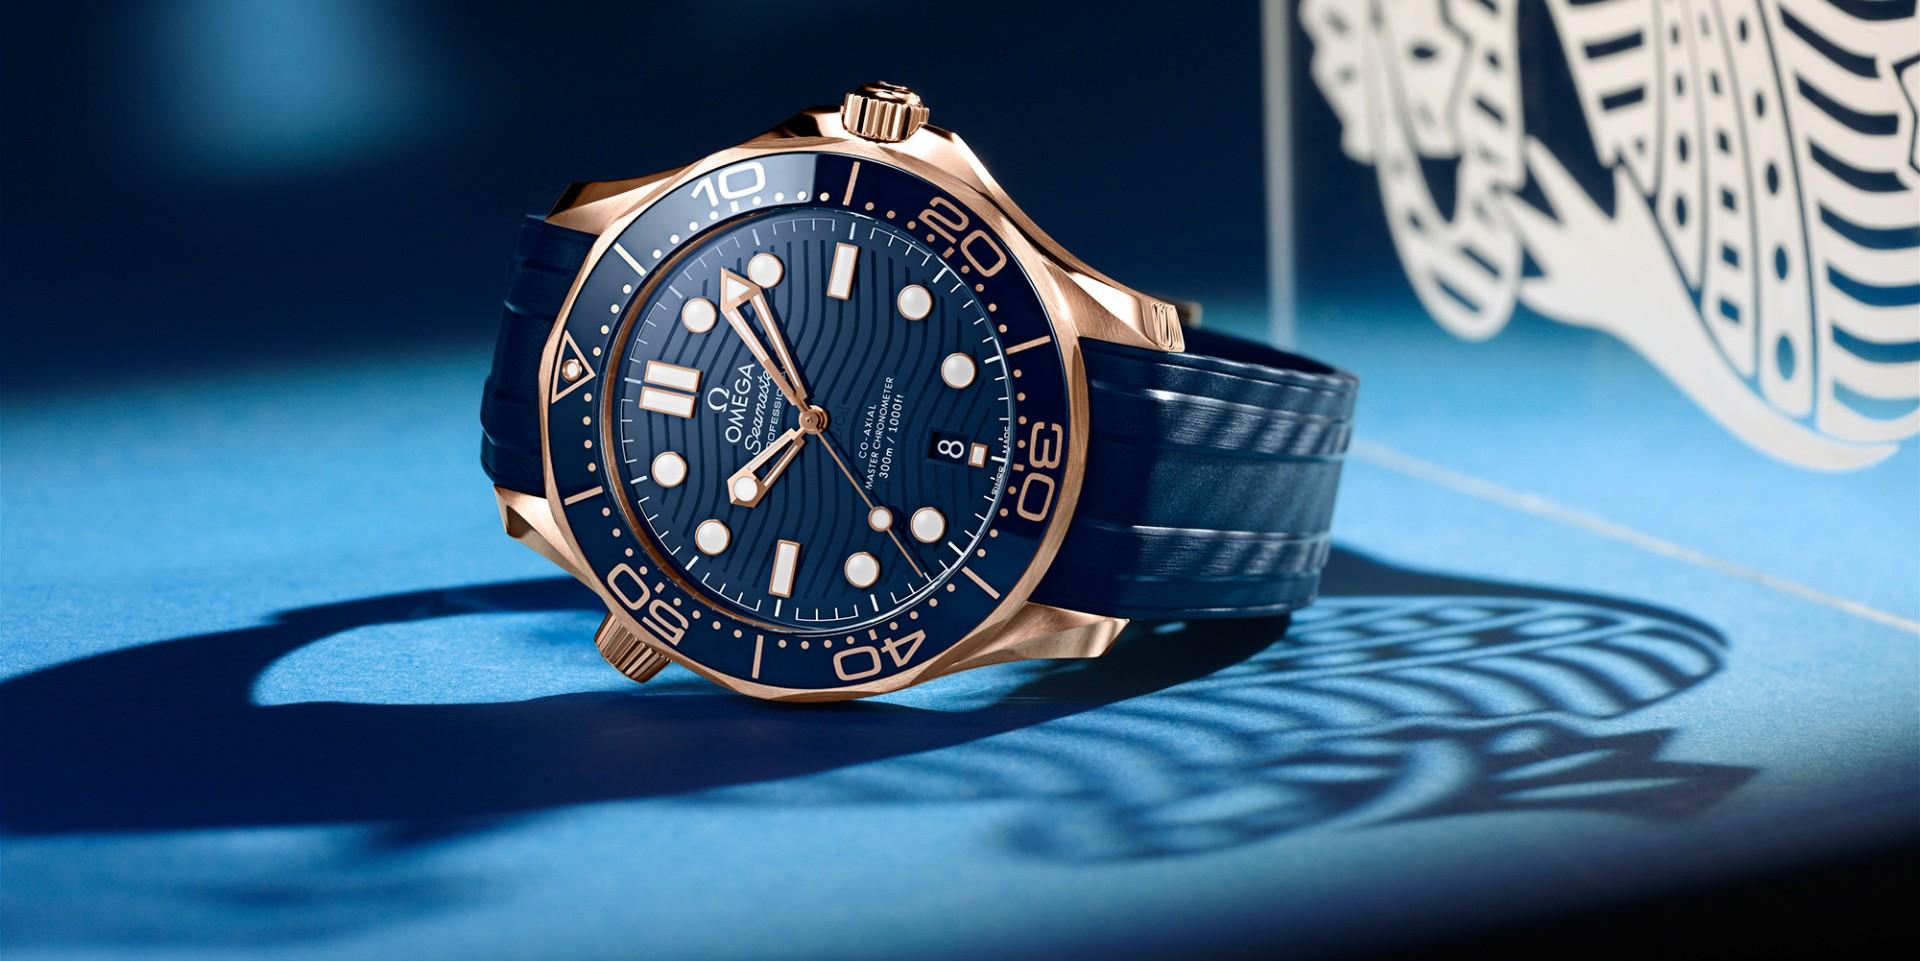 傳奇潛水錶再添嶄新風貌:歐米茄海馬潛水300米系列不鏽鋼白陶瓷與18K Sedna™金藍陶瓷款